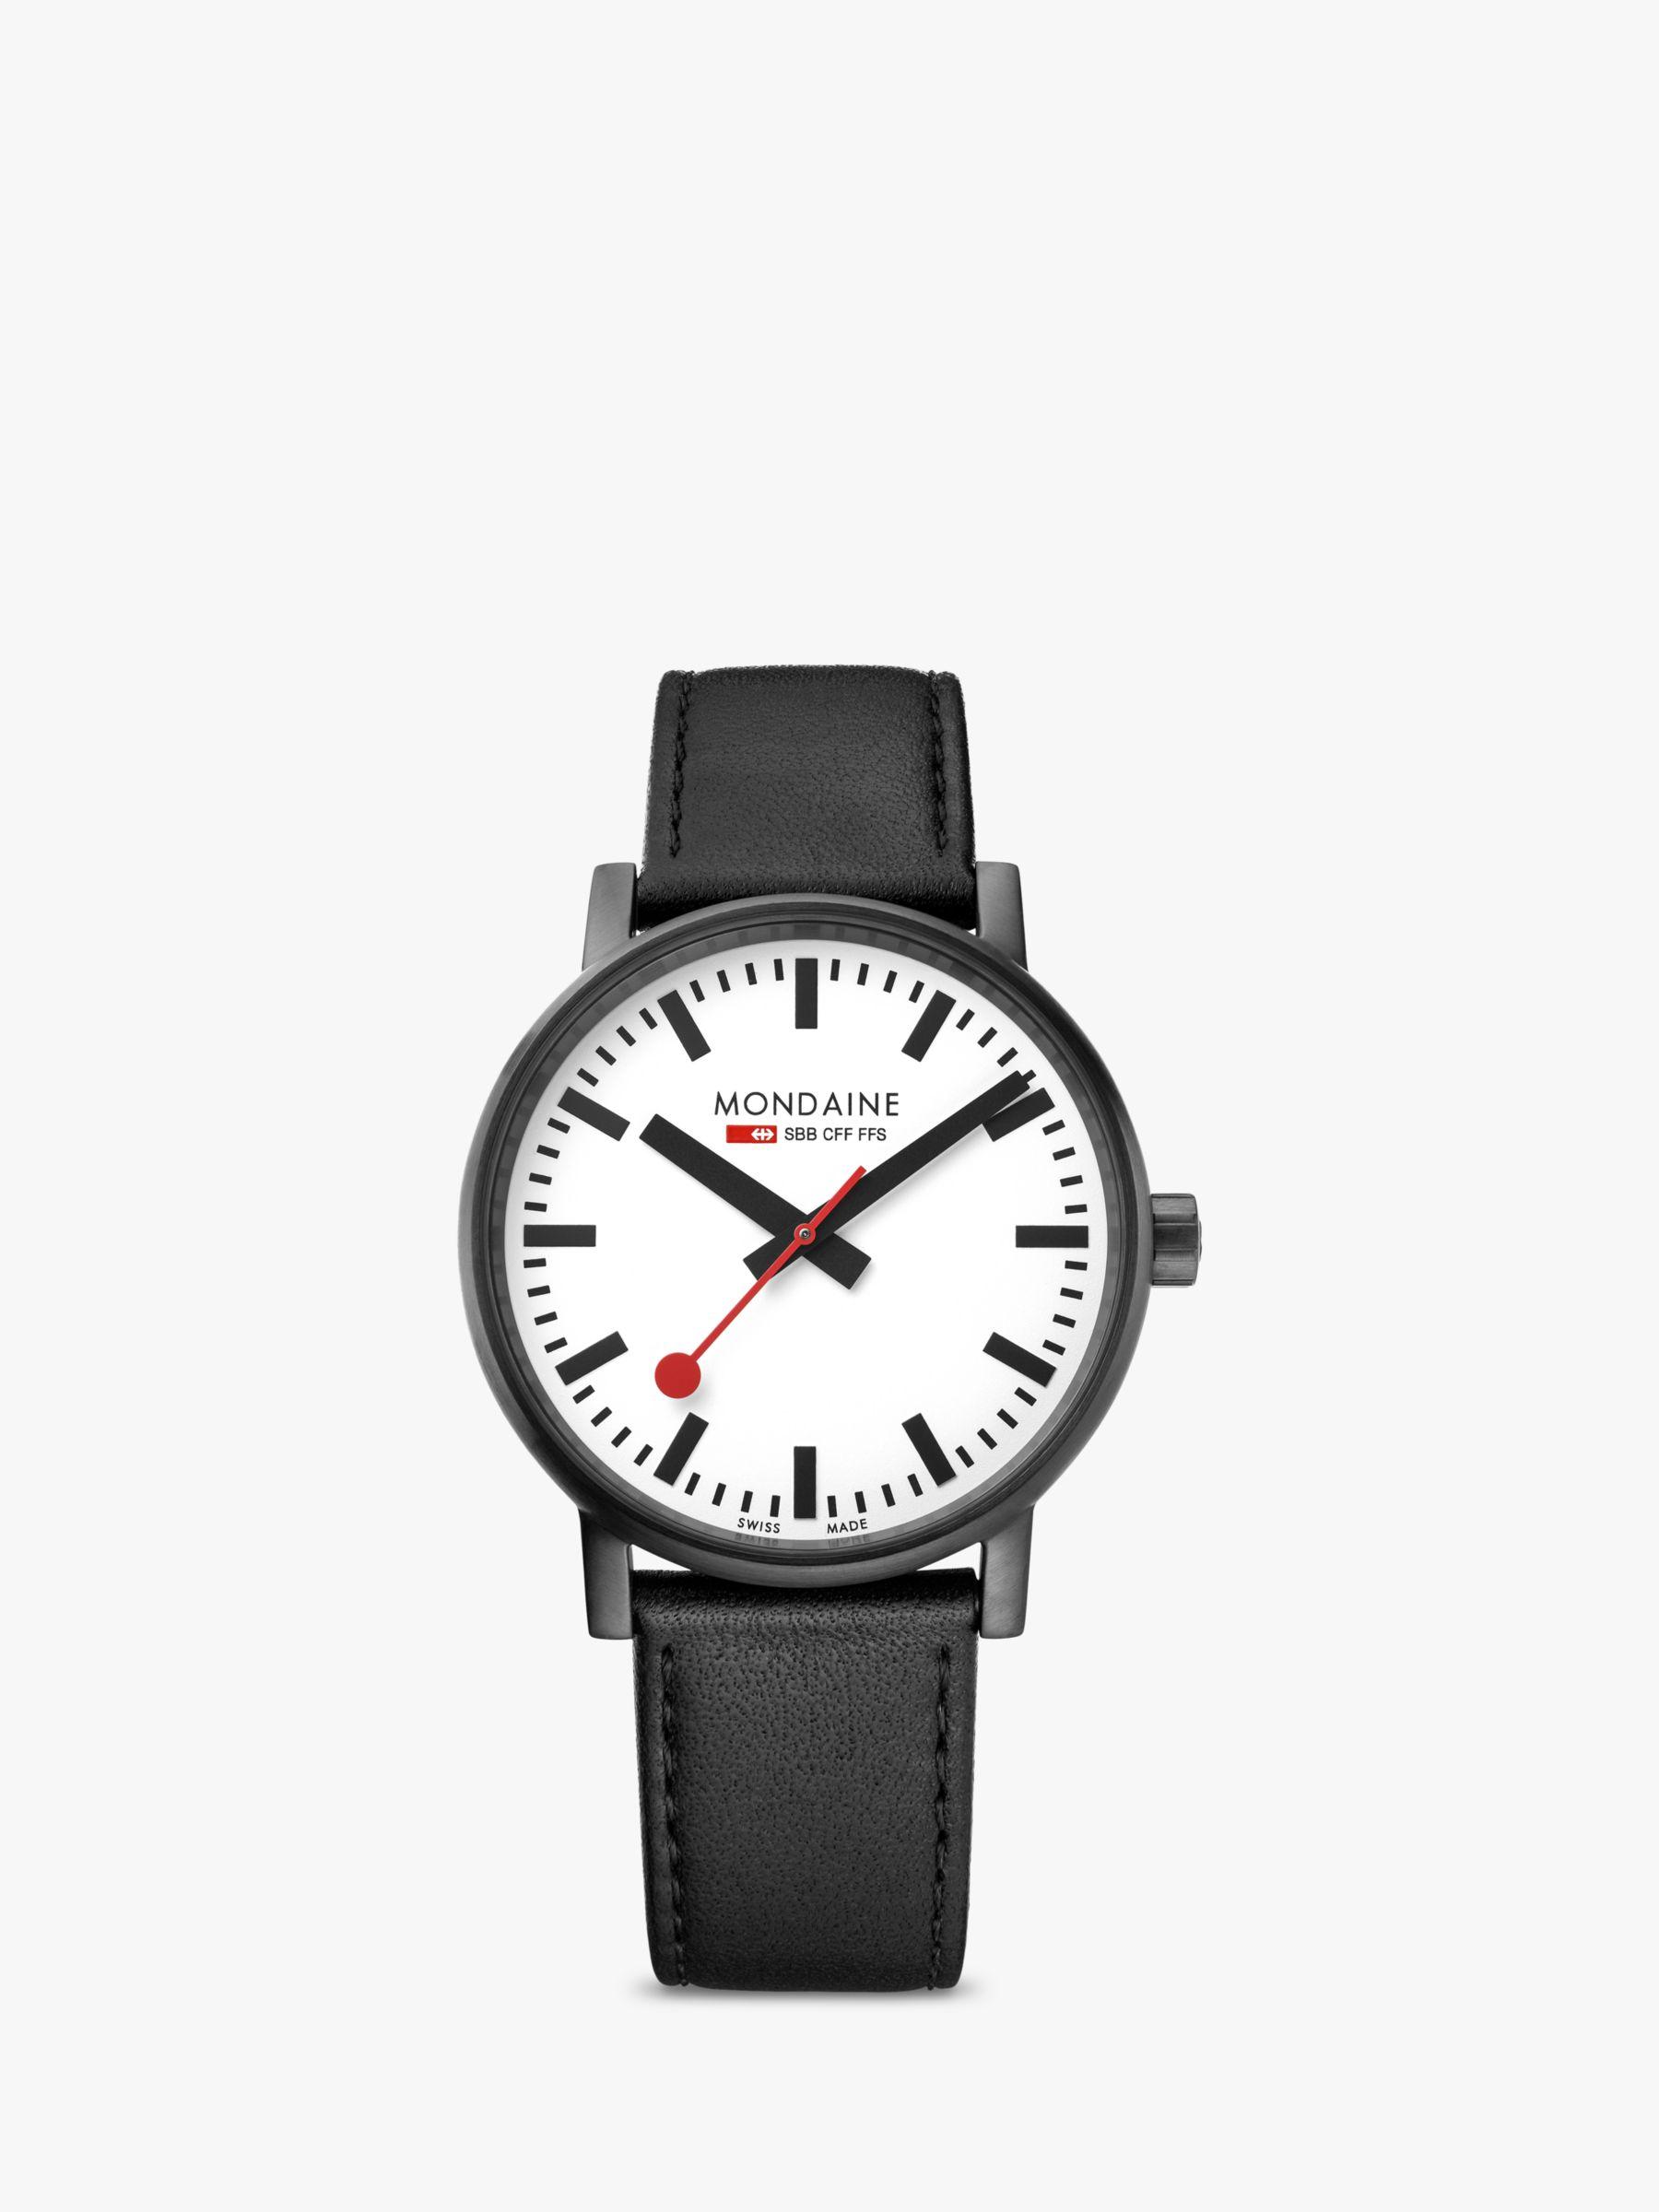 Mondaine Mondaine Unisex Evo 2 Leather Strap Watch